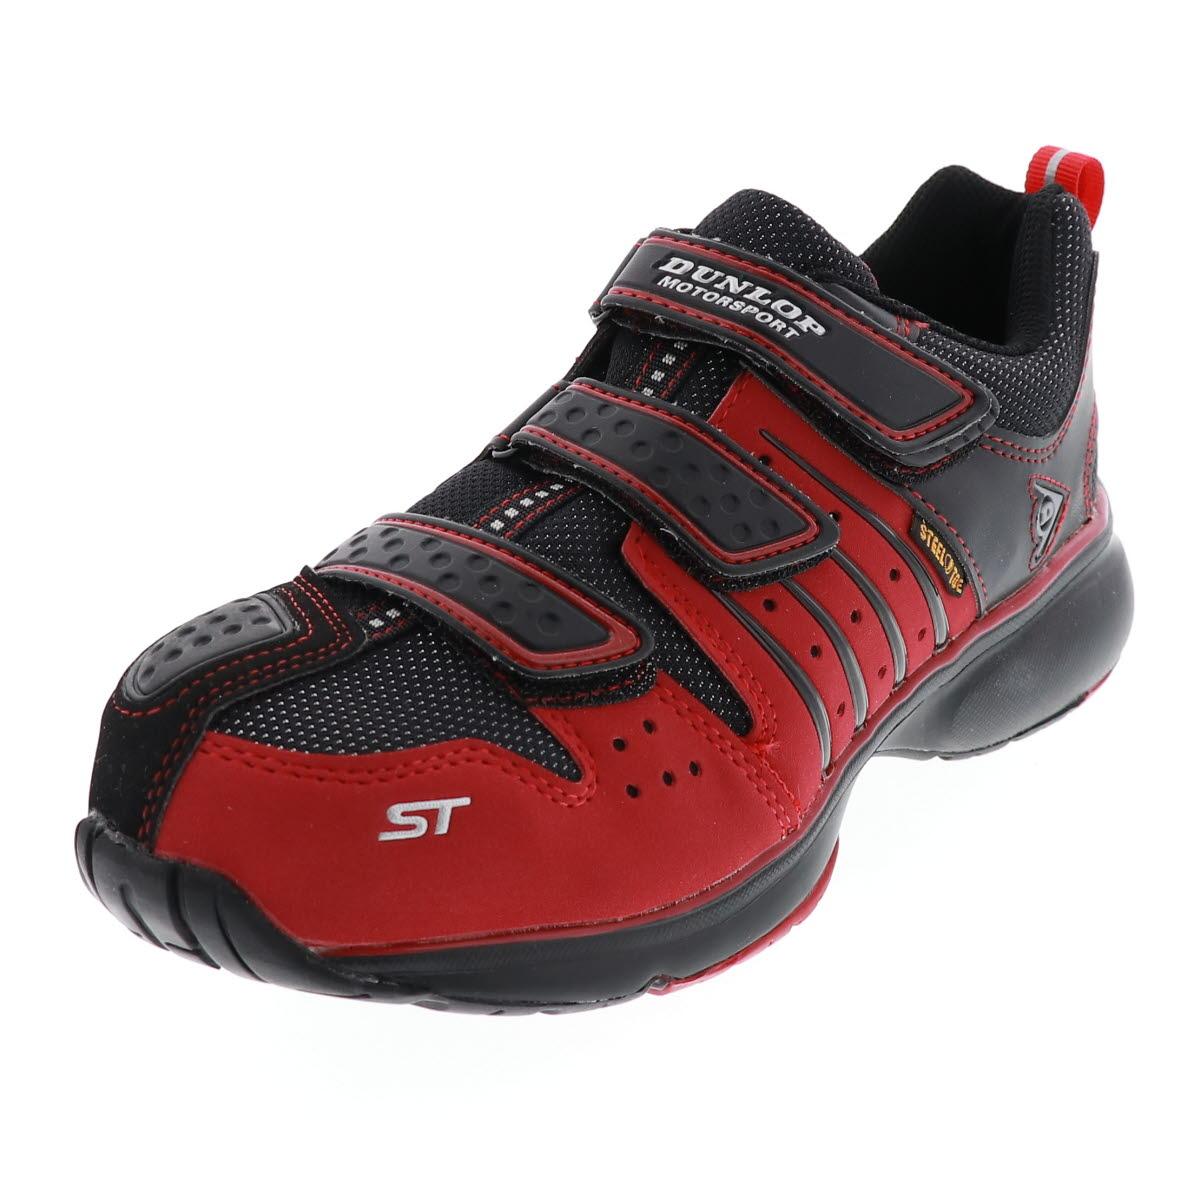 安全靴 メンズ ダンロップ DUNLOP マグナム ST302MG レッド